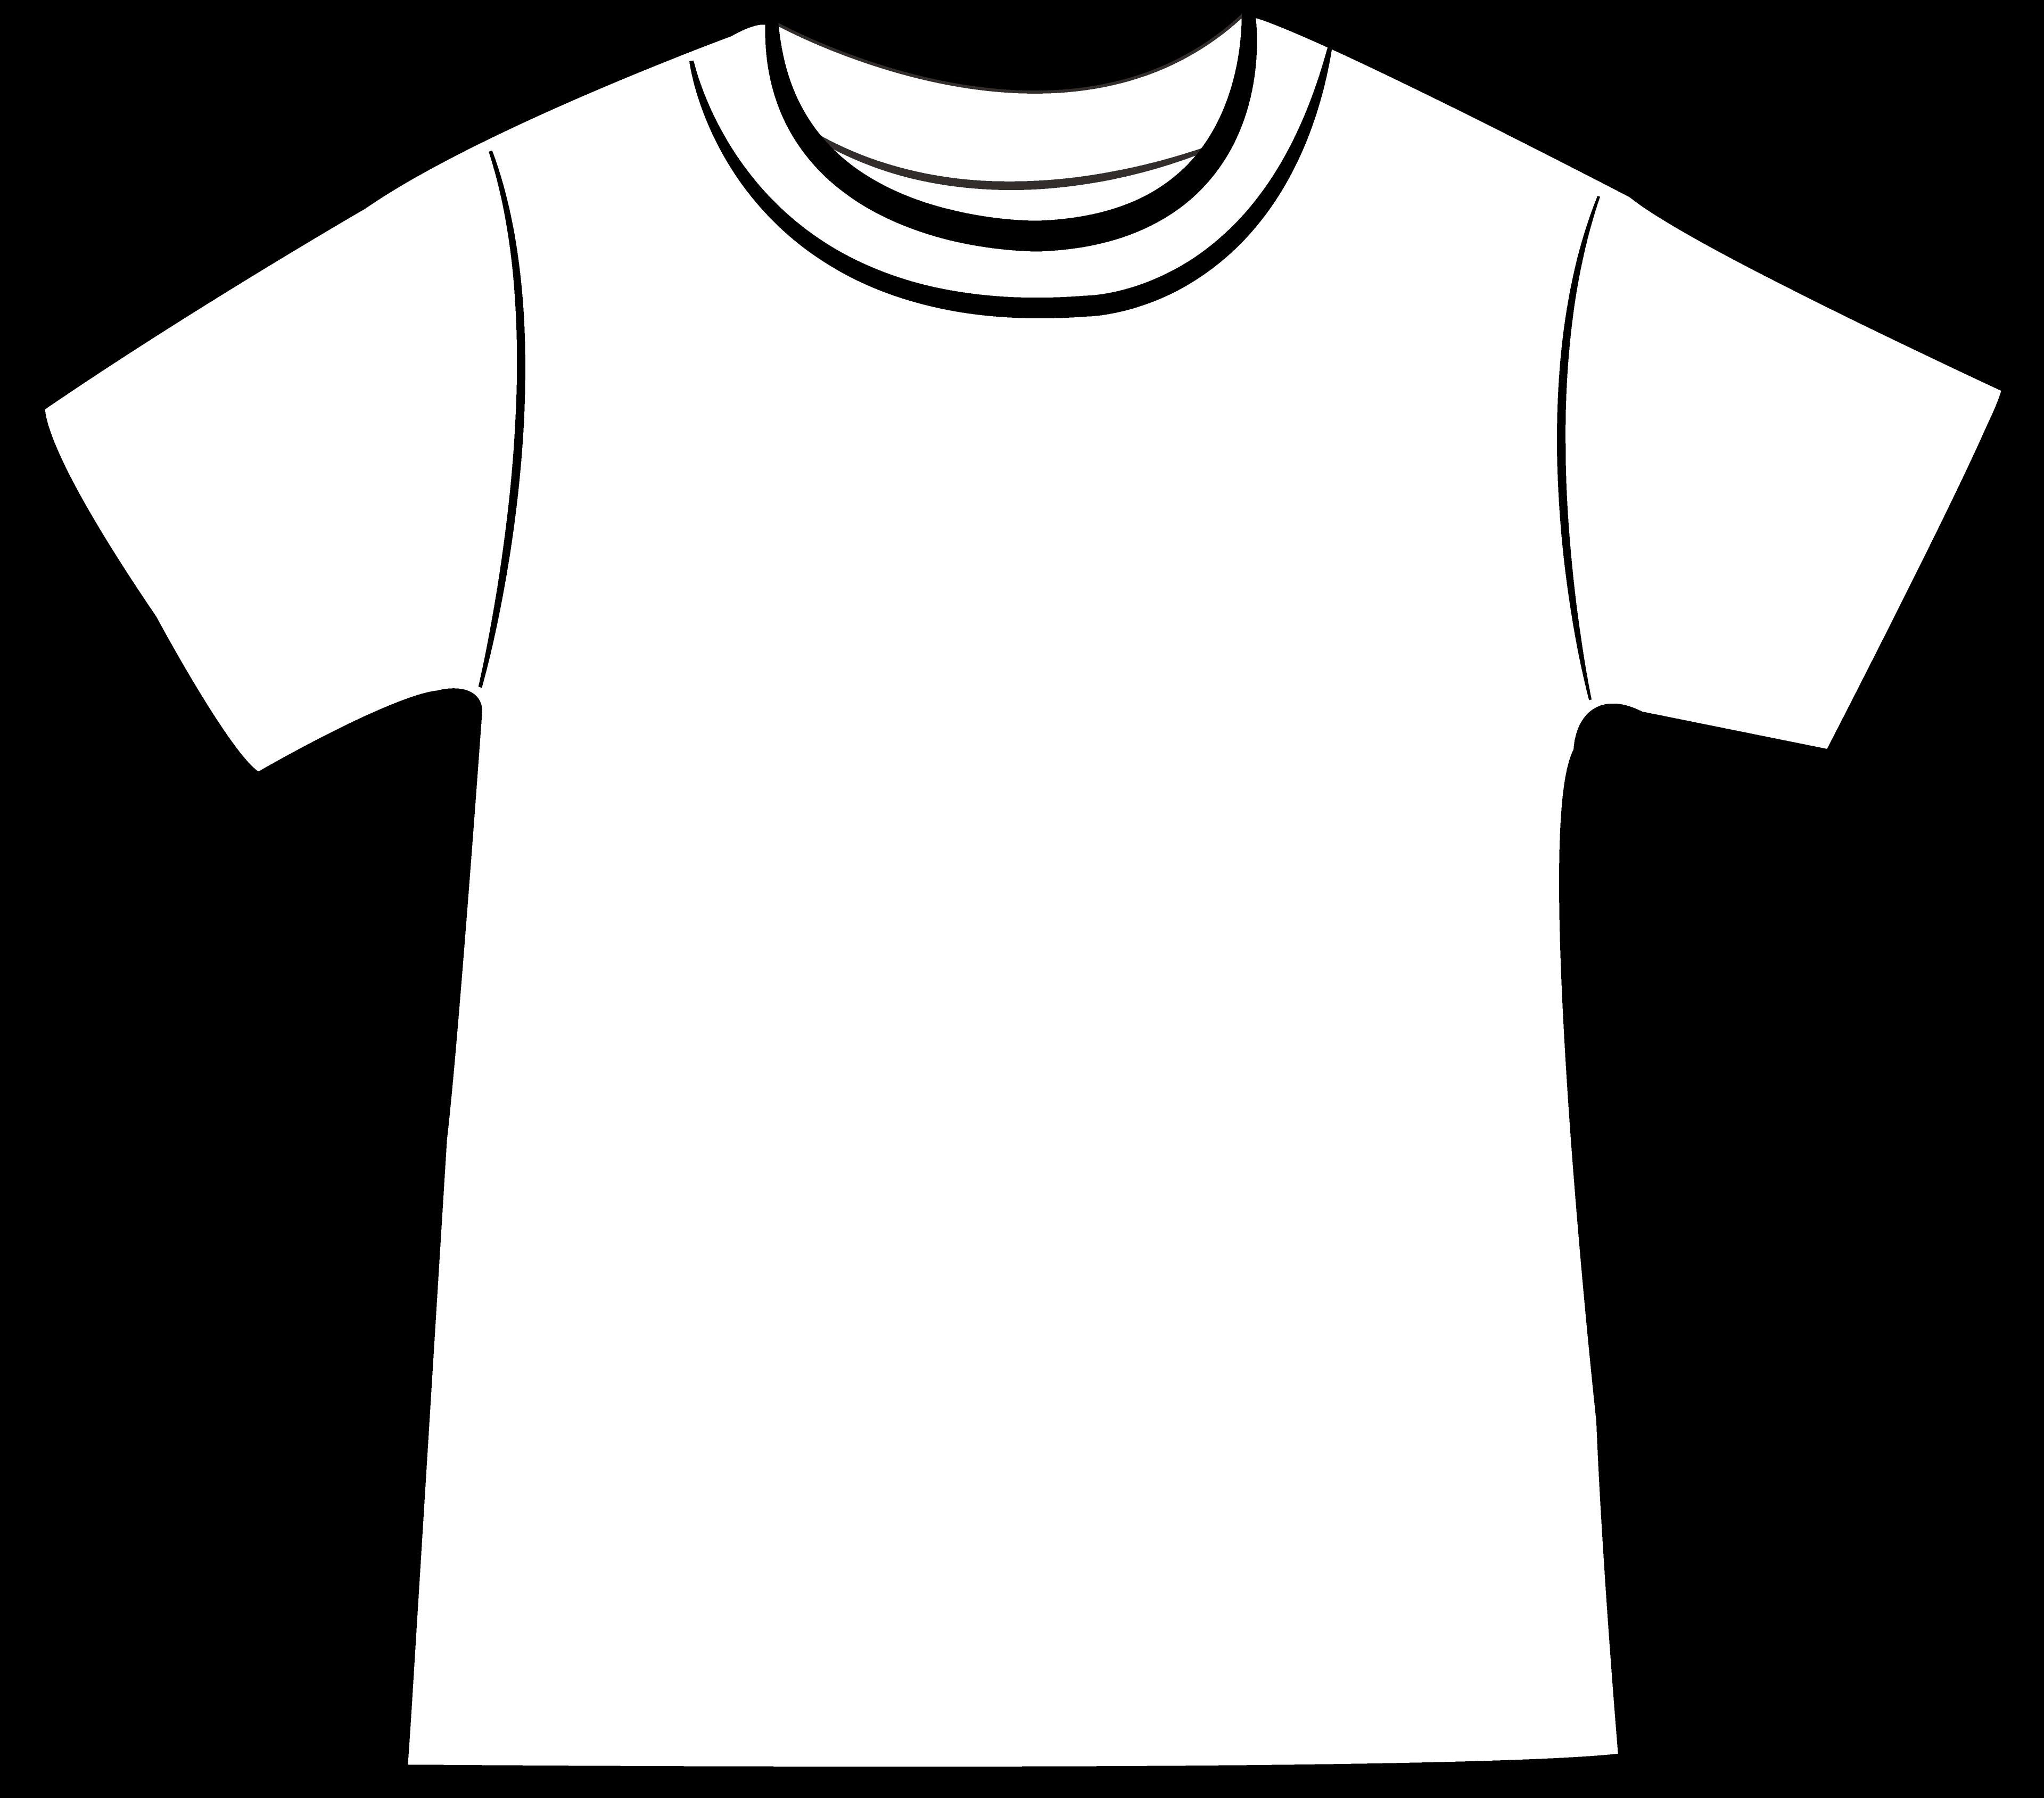 Tシャツの前と後ろ間違えない為のたった一つの方法